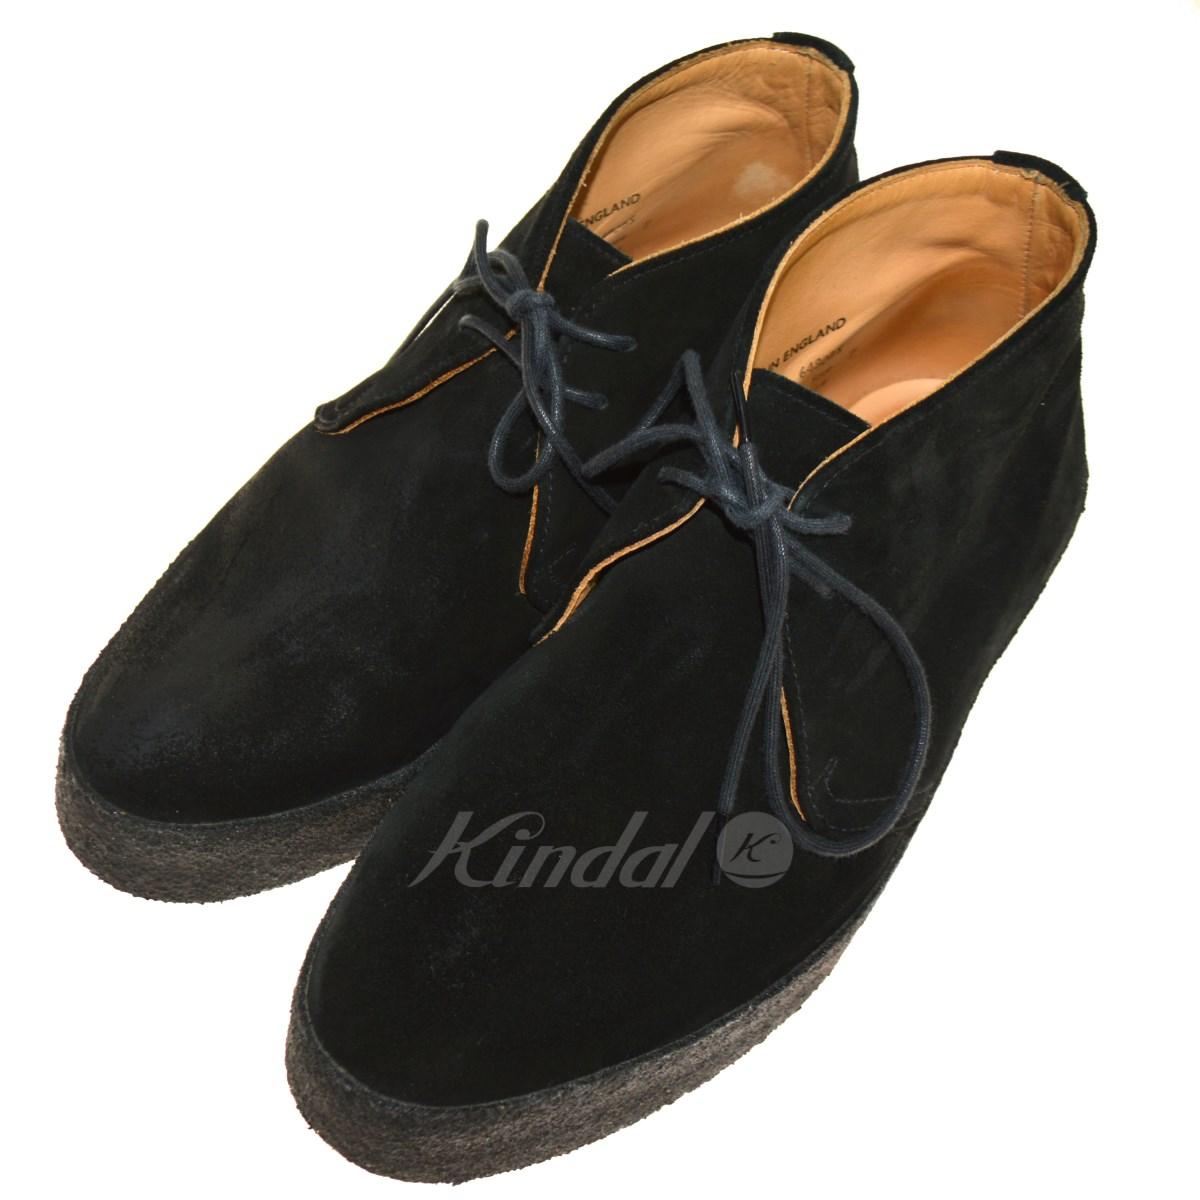 【中古】Sanders 6480BS CHUKKA BOOT チャッカブーツ ブラック サイズ:7 【送料無料】 【240918】(サンダース)